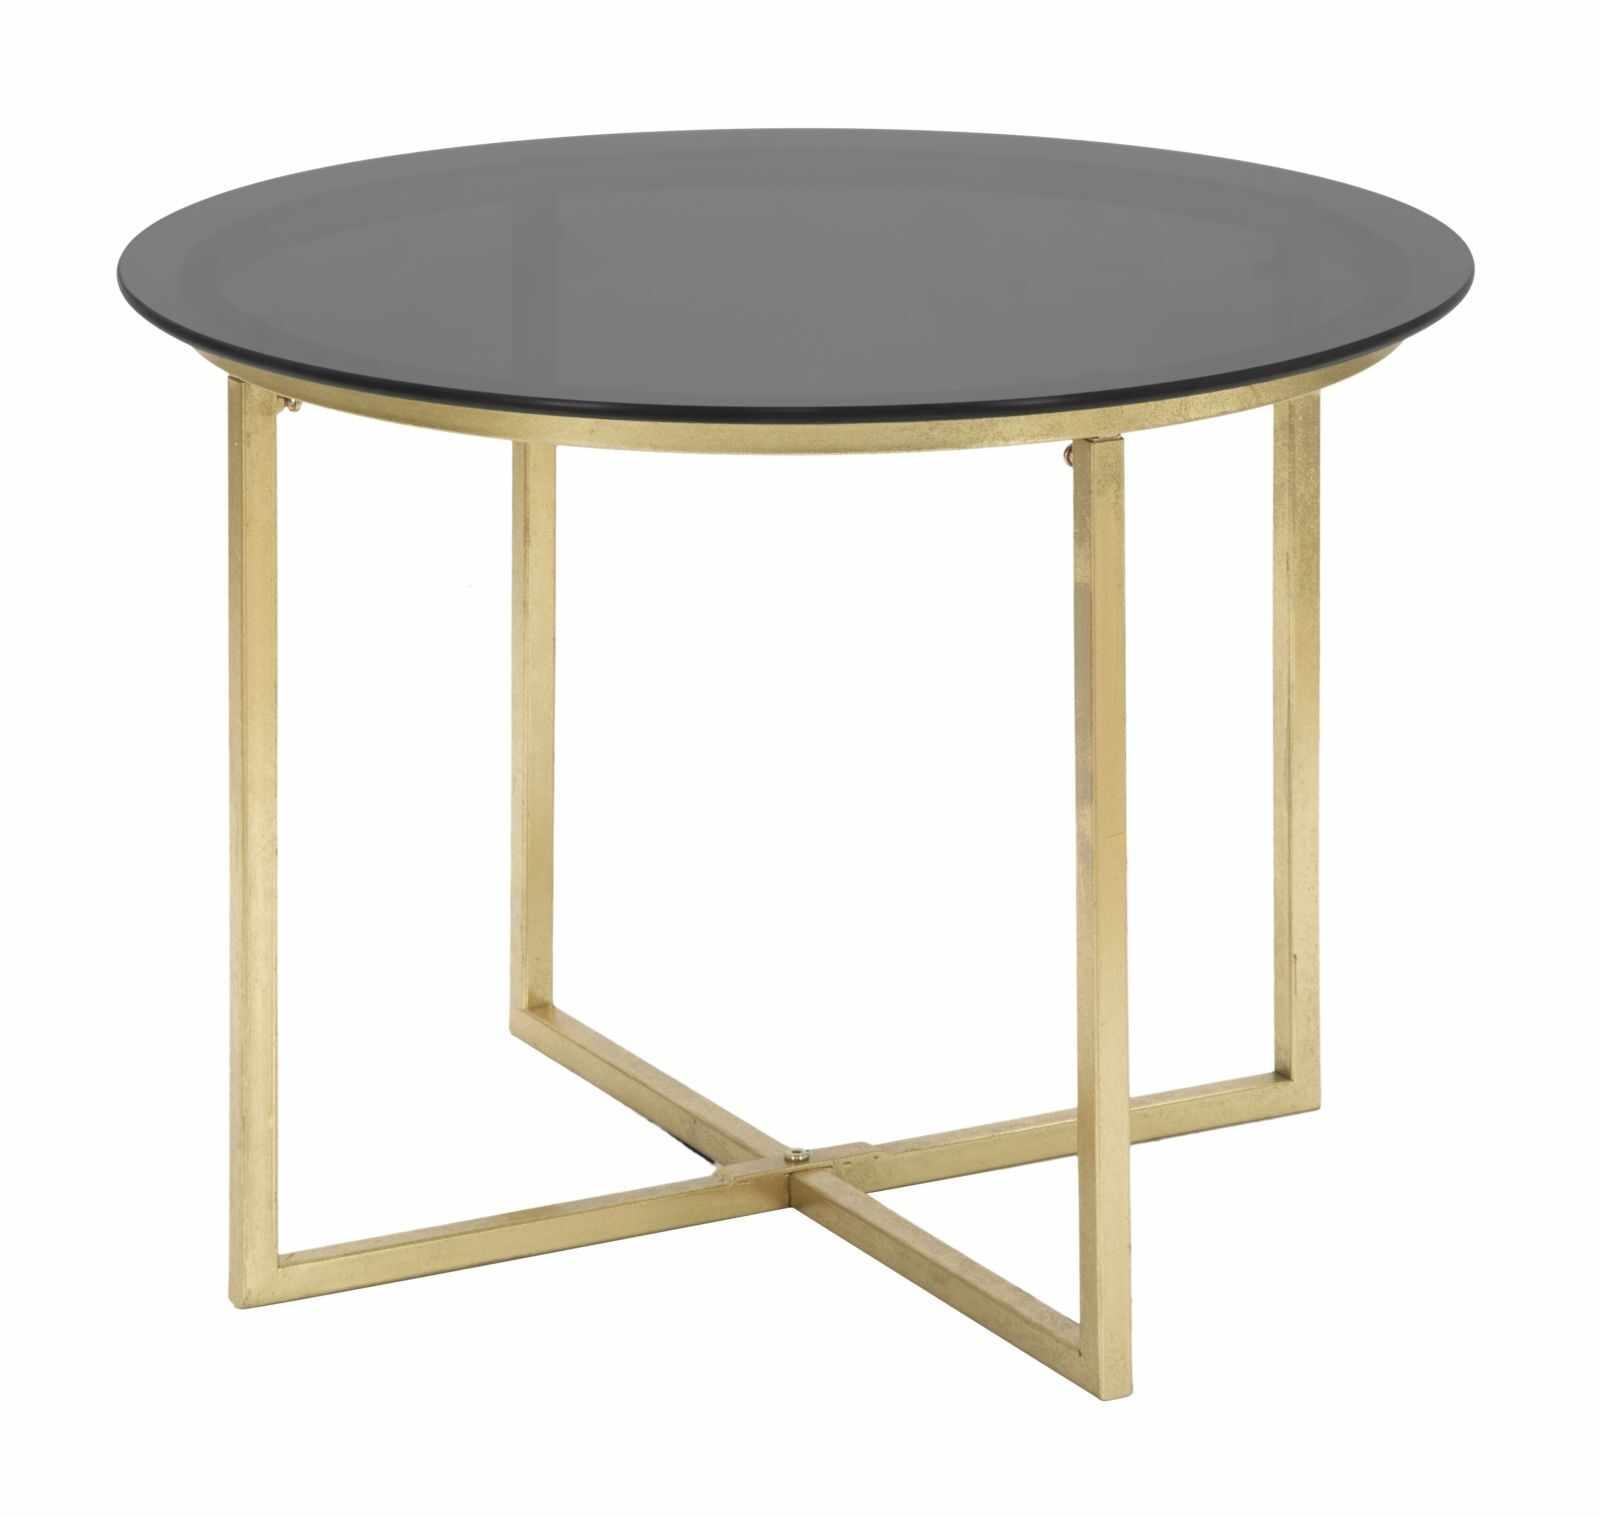 Masa de cafea din sticla si metal Glamy Negru / Auriu, Ø58xH43 cm la pret 611 lei